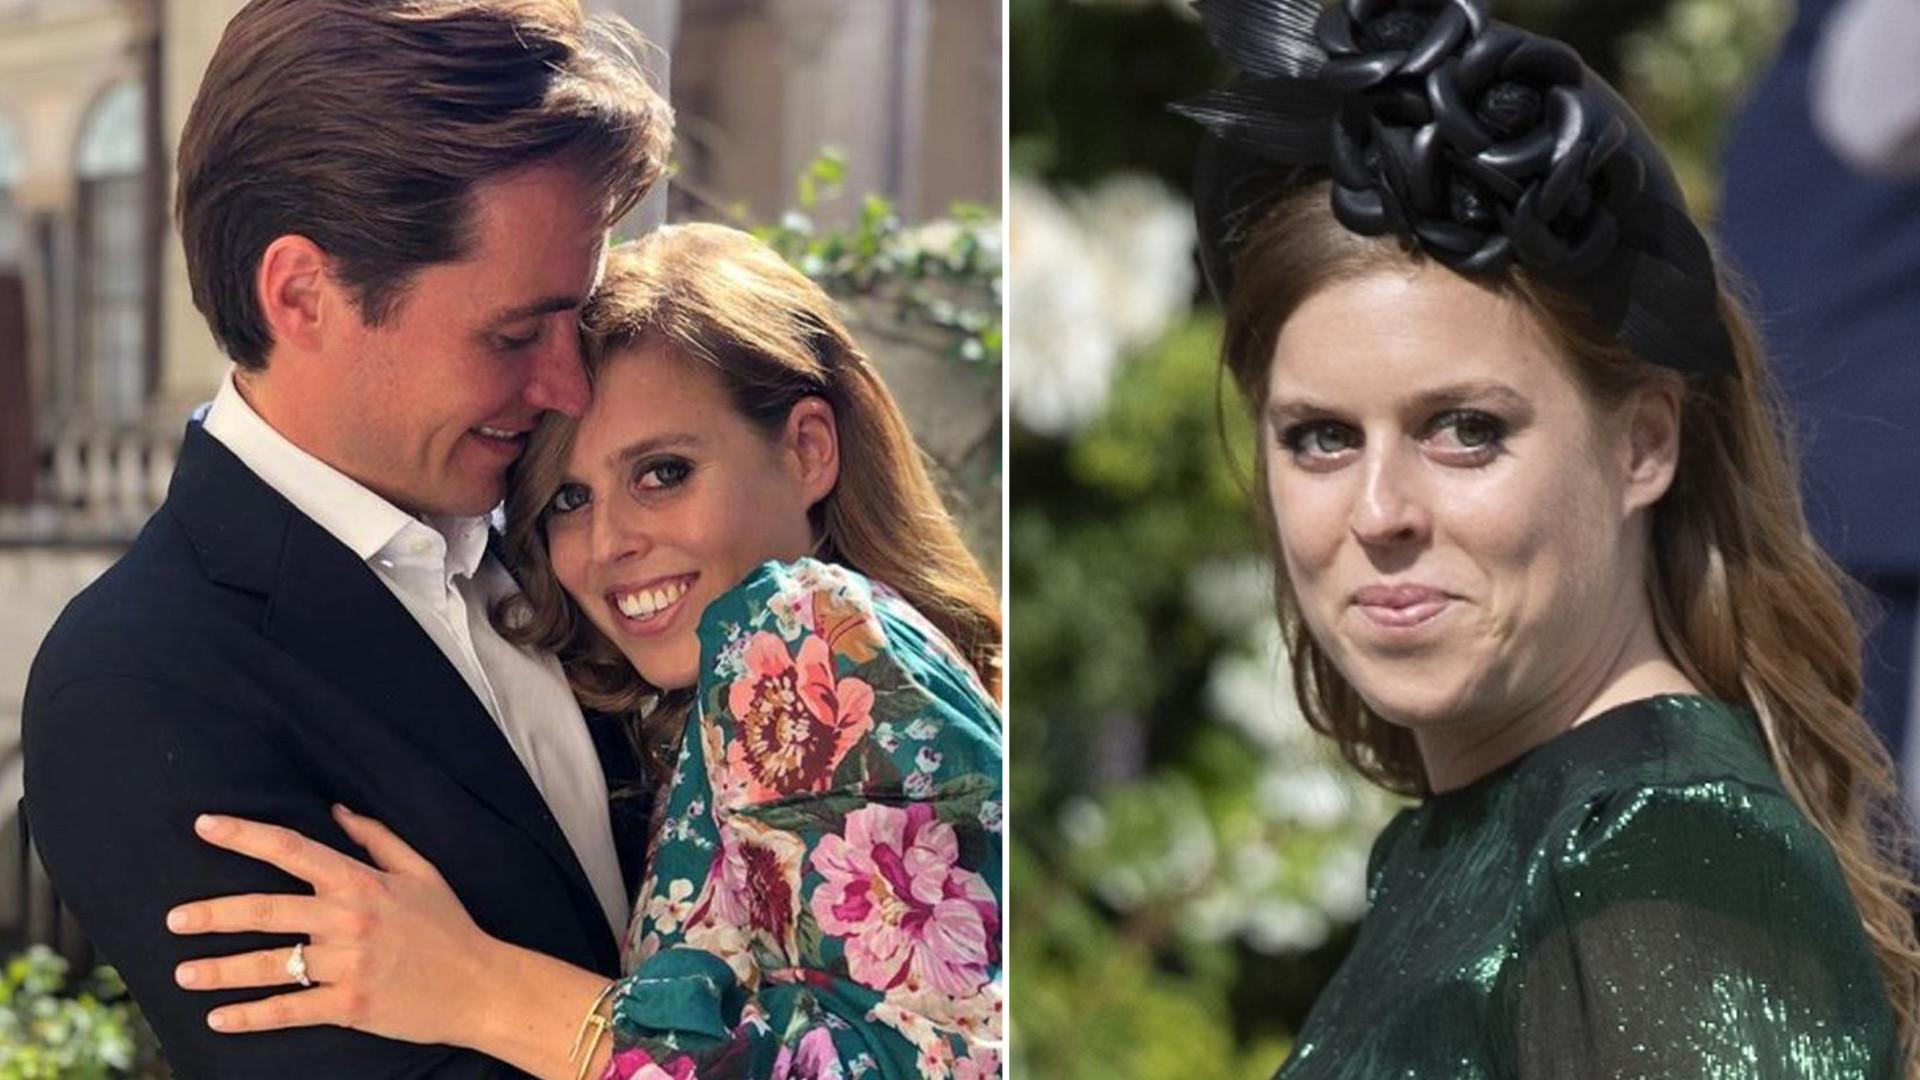 Księżniczka Eugenia pokazała zdjęcie z Beatrice dzień przed Royal Wedding – NIEUMALOWANE, ale szczęśliwe